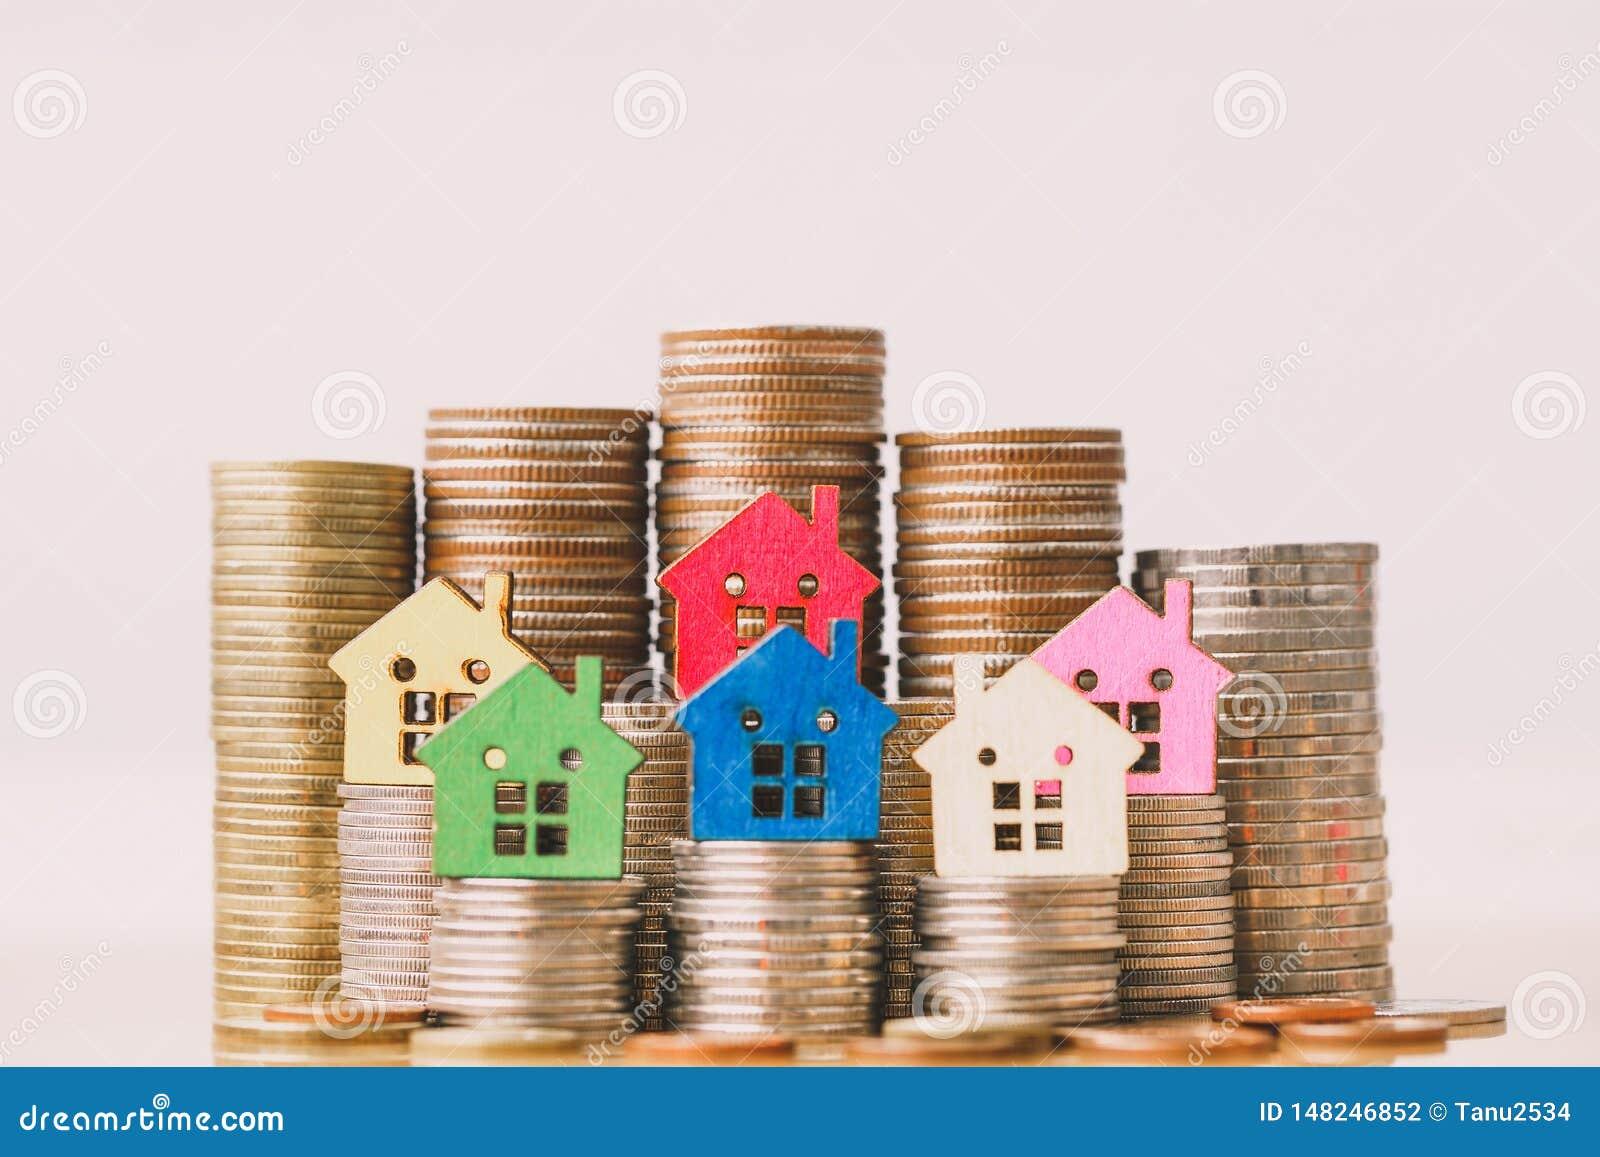 Huismodel op muntstukkenstapel De planning van besparingengeld van muntstukken om een huisconcept, een hypotheek en een onroerend